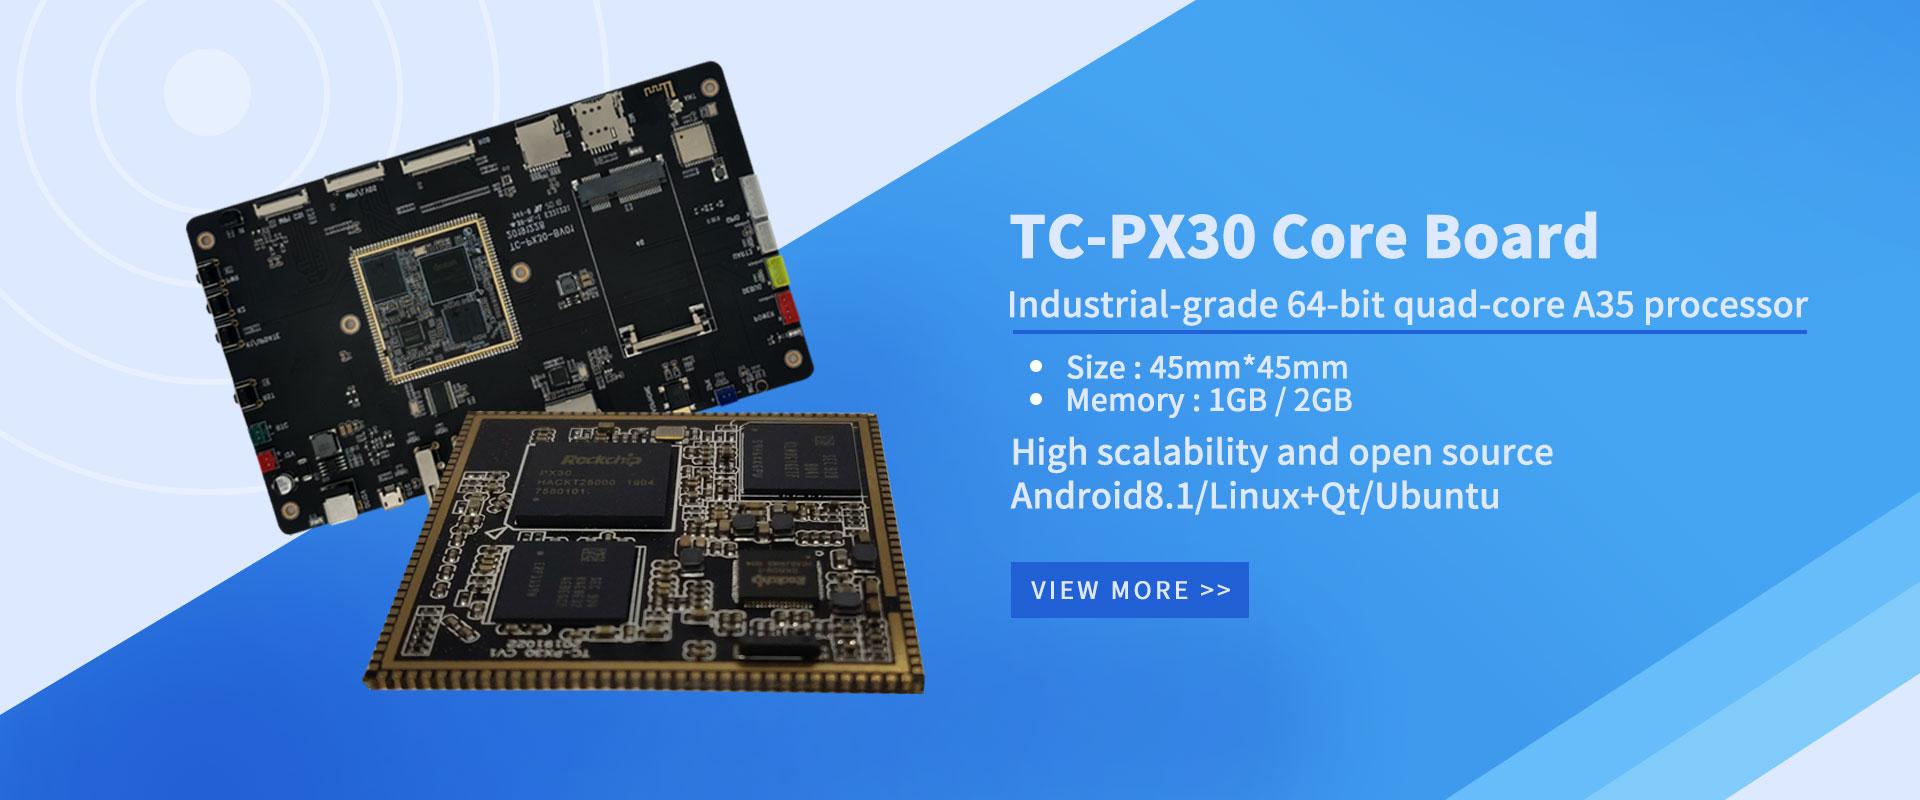 RK3399 Core Board Factory